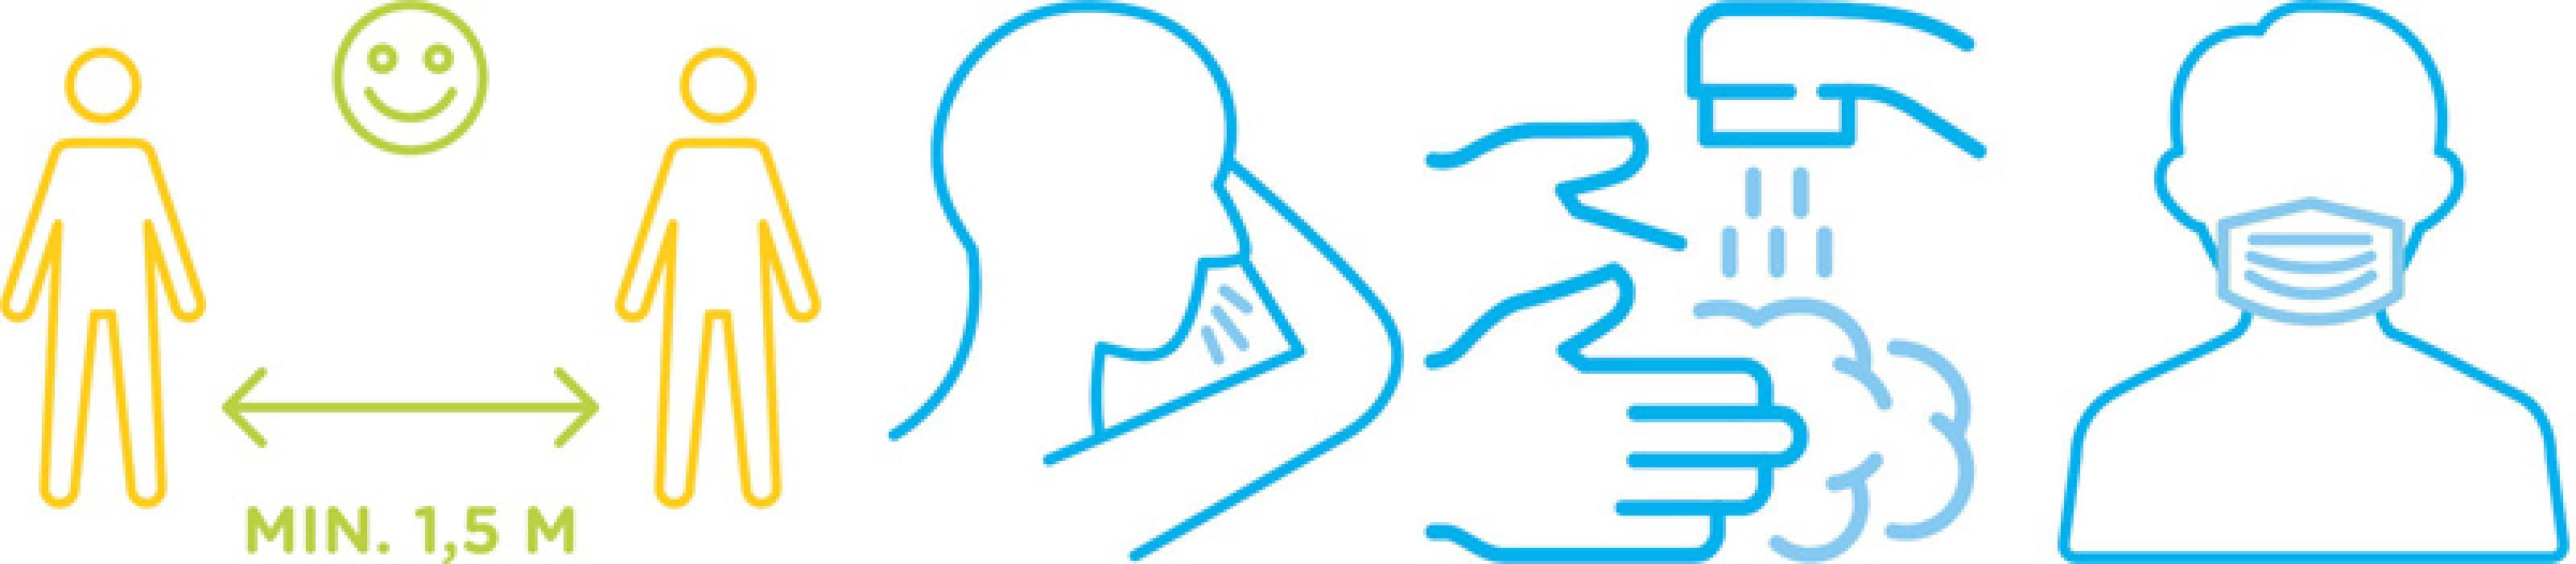 Piktogramme zu Abstand Niesen Händewaschen und Mundschutz